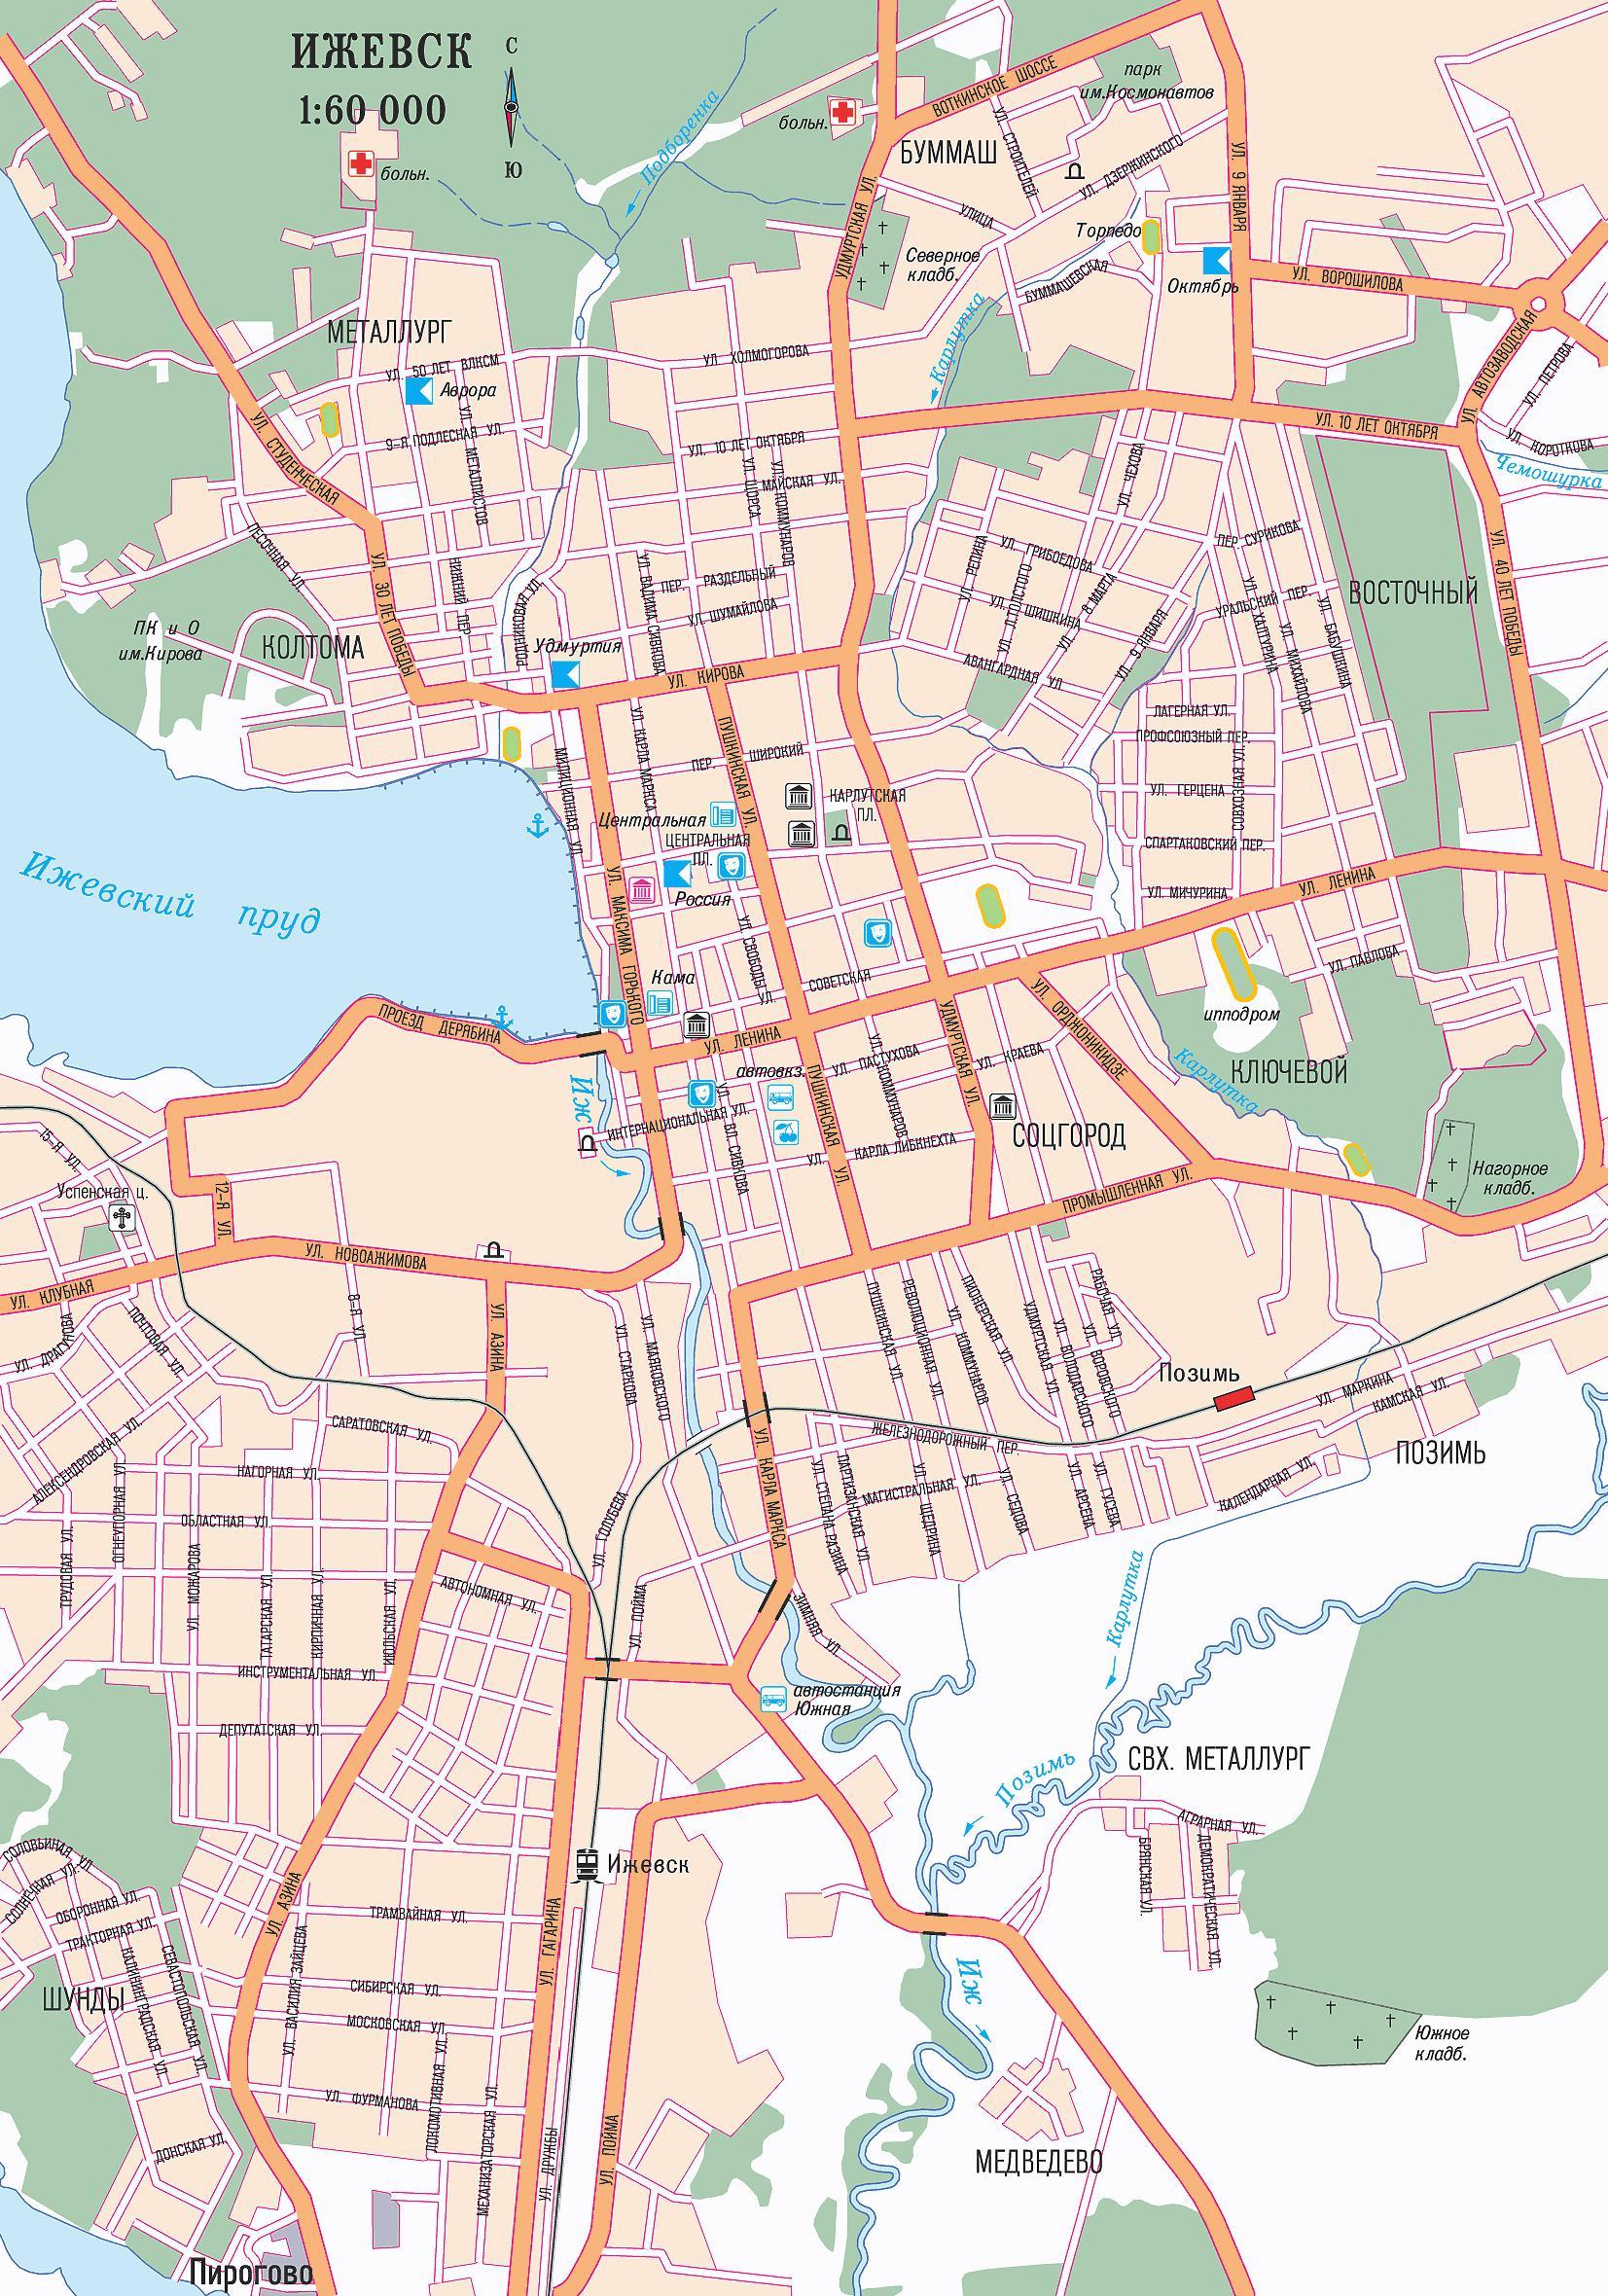 Карта Ижевска: улицы, дома и организации города — 2ГИС